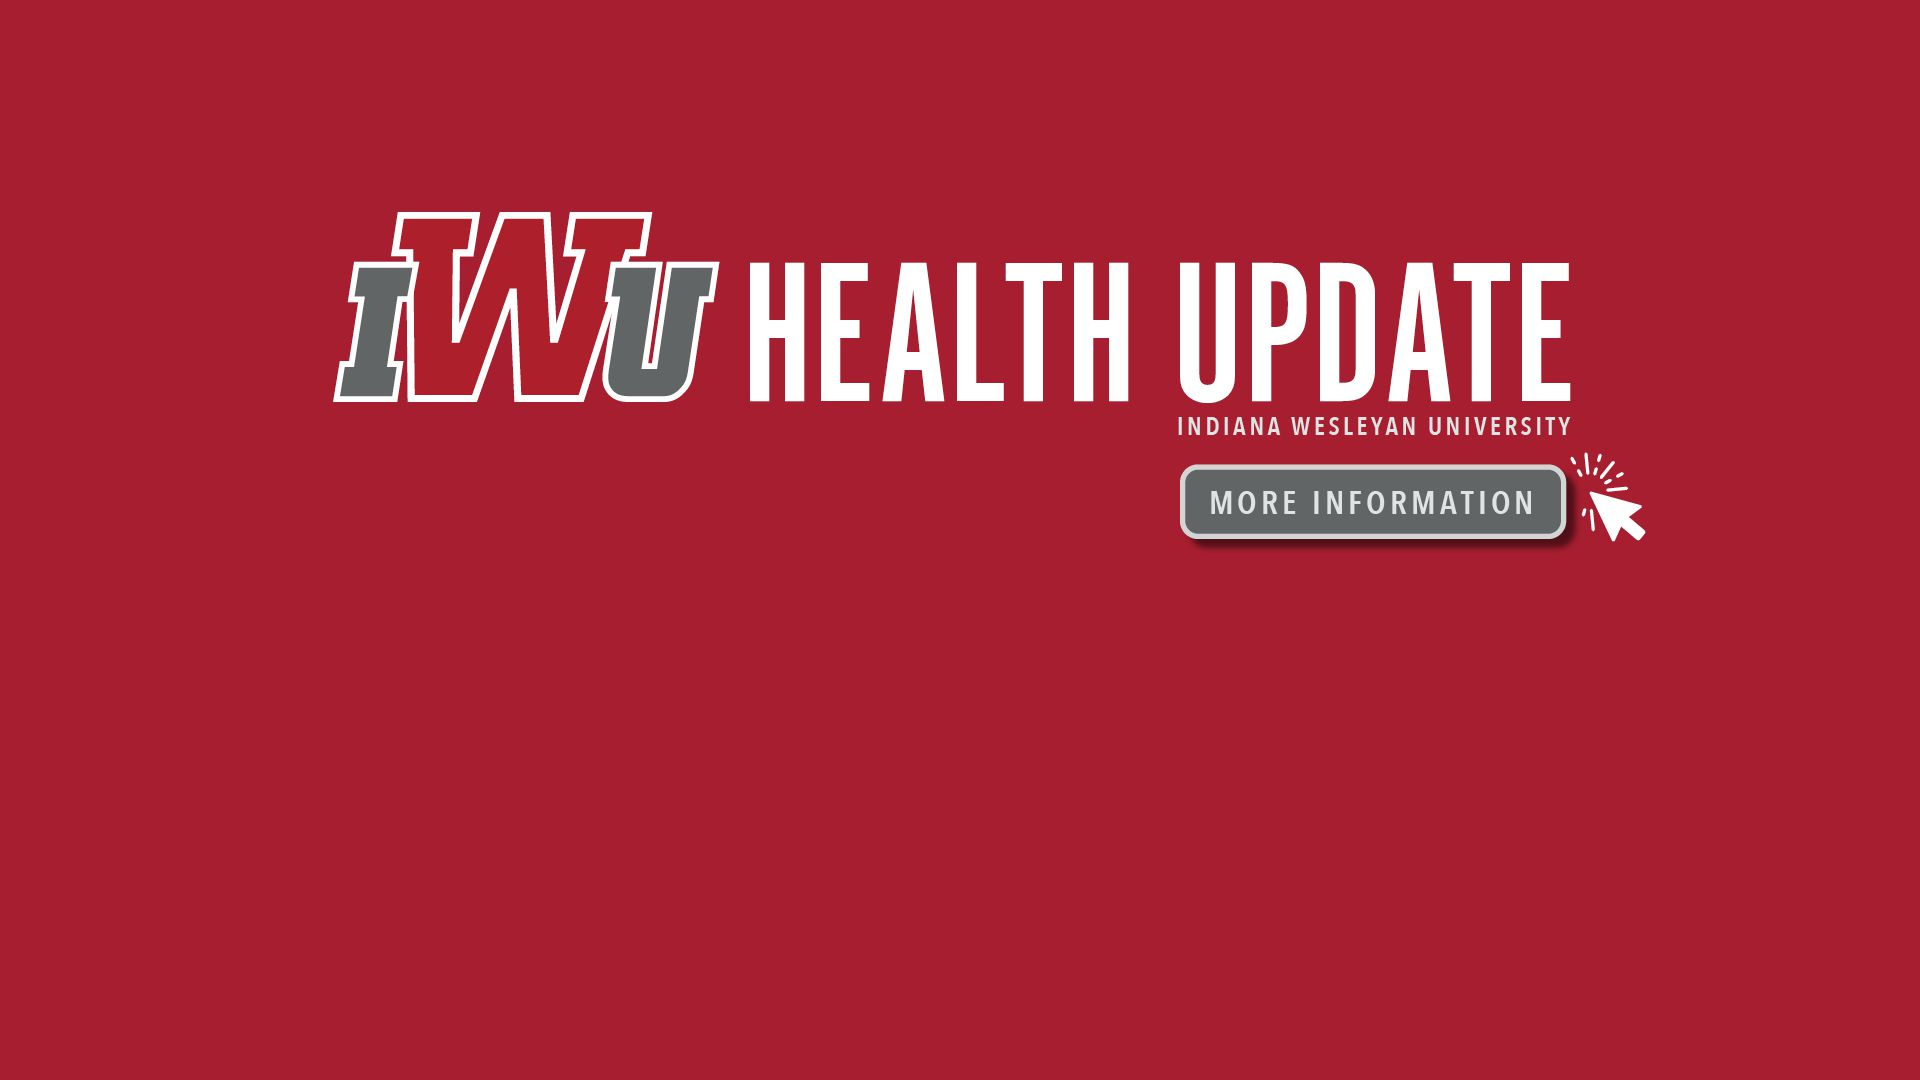 IWU Health Update